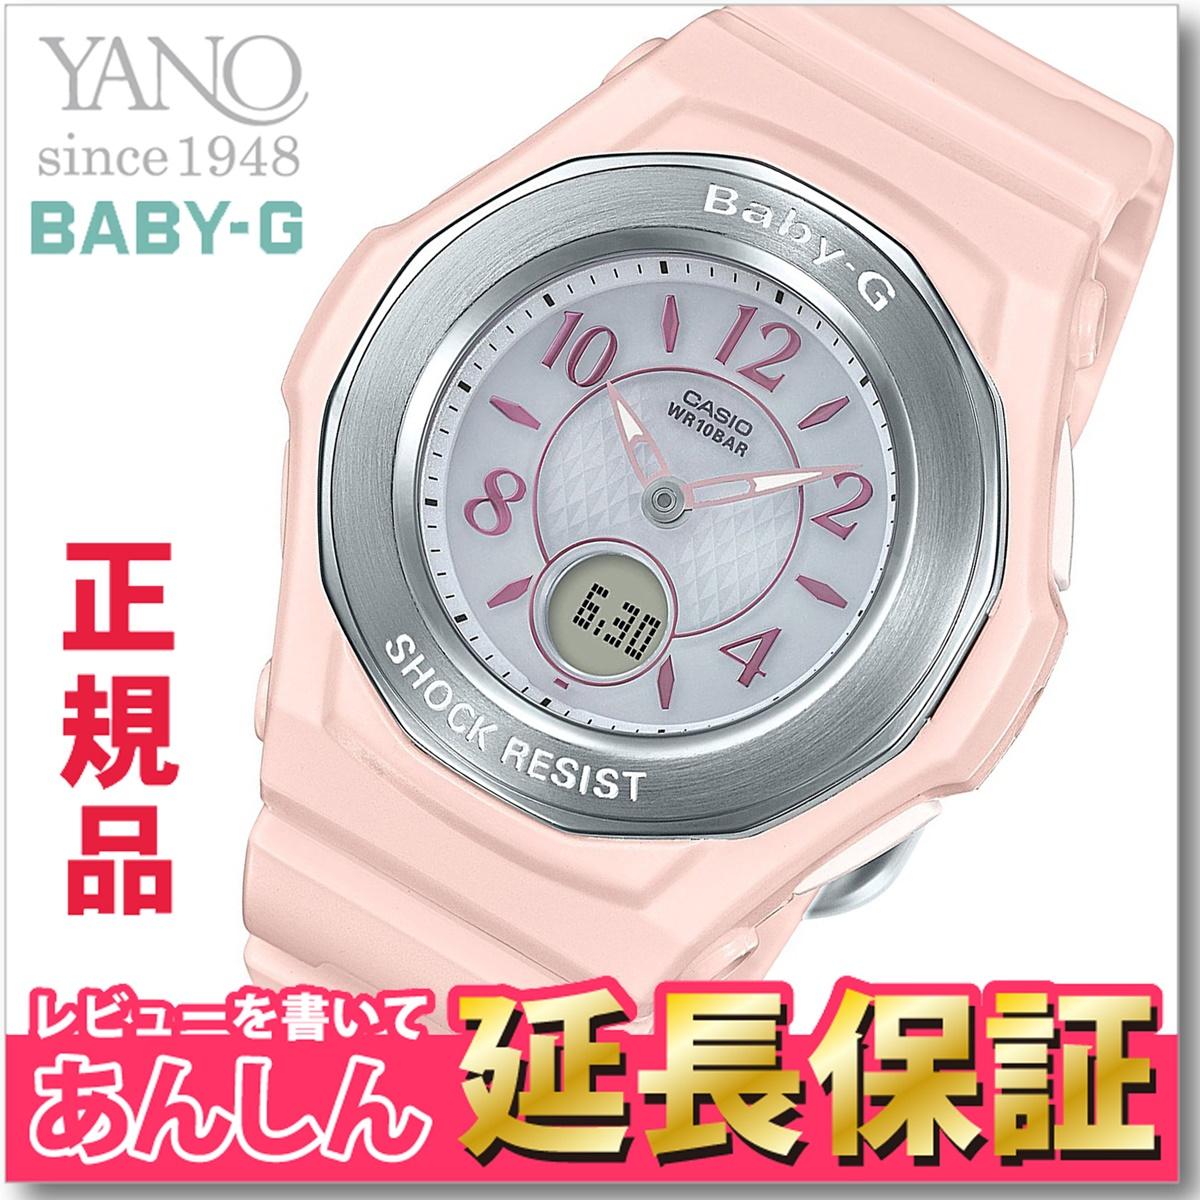 カシオ ベビーG BGA-1050-4BJF レディース 電波ソーラー 腕時計 デジアナ タフソーラー CASIO BABY-G 【正規品】【0217】【店頭受取対応商品】